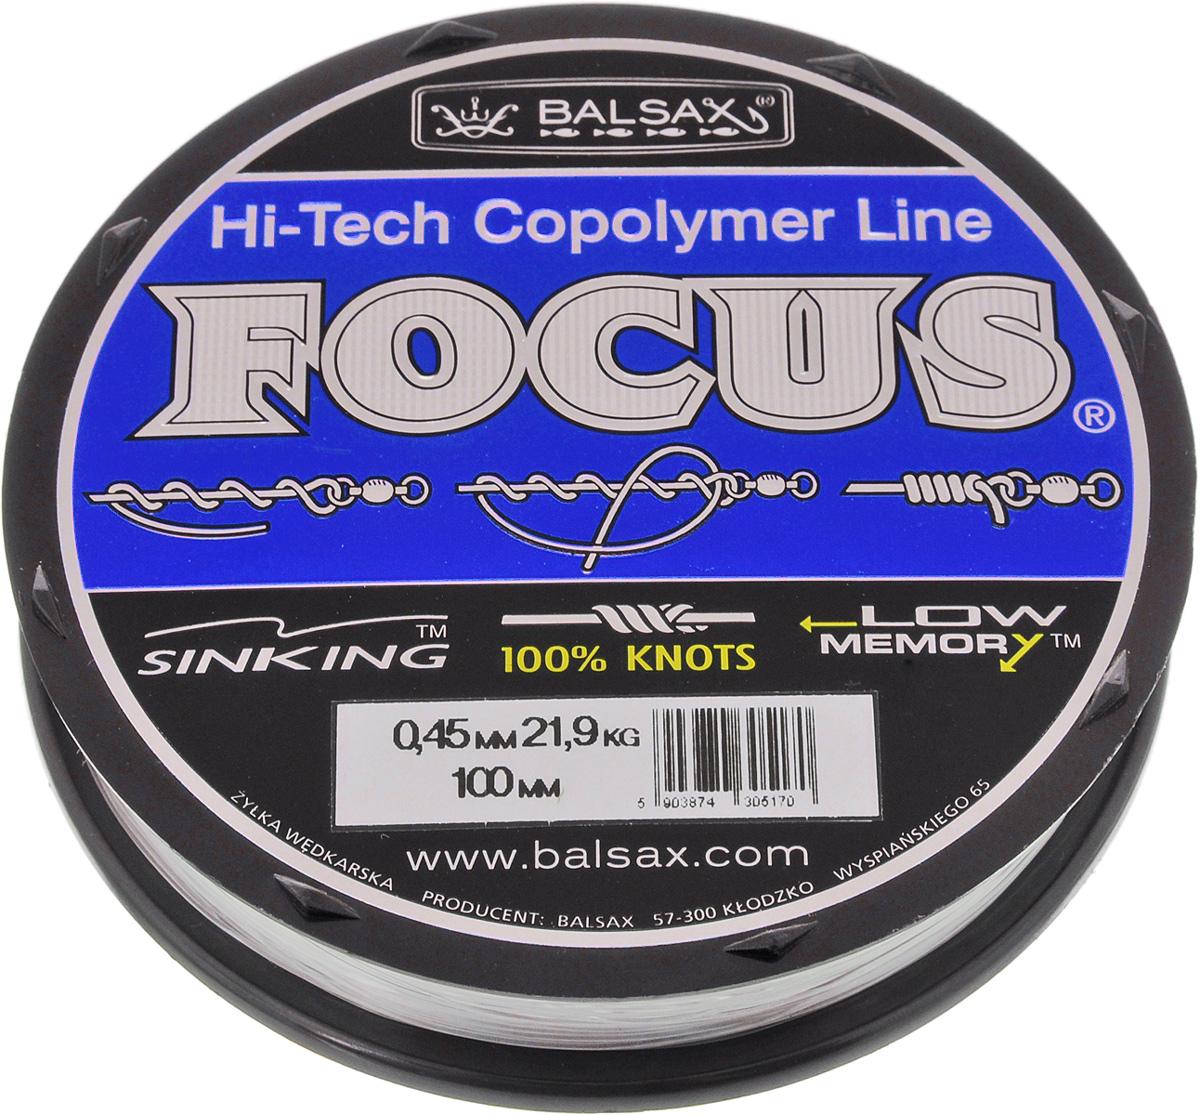 Леска Balsax Focus, 100 м, 0,45 мм, 21,9 кг304-01045Леска Balsax Focus практически идеально прозрачна, а значит, отлично подходит для ловли во всех водоемах, независимо от погодных условий. Очередной особенностью, повышающей достоинства данной лески, является ее стопроцентная сопротивляемость к деформации, что дает рыболовам уверенность в эффективных забросах, а также позволяет избежать безнадежного запутывания лески. Тесты на эластичность и упругость лески доказали, что последняя, пропорционально к другим особенностям, имеет необходимую растяжимость. Для рыболова это означает, что можно даже тащить очень крупную рыбу.